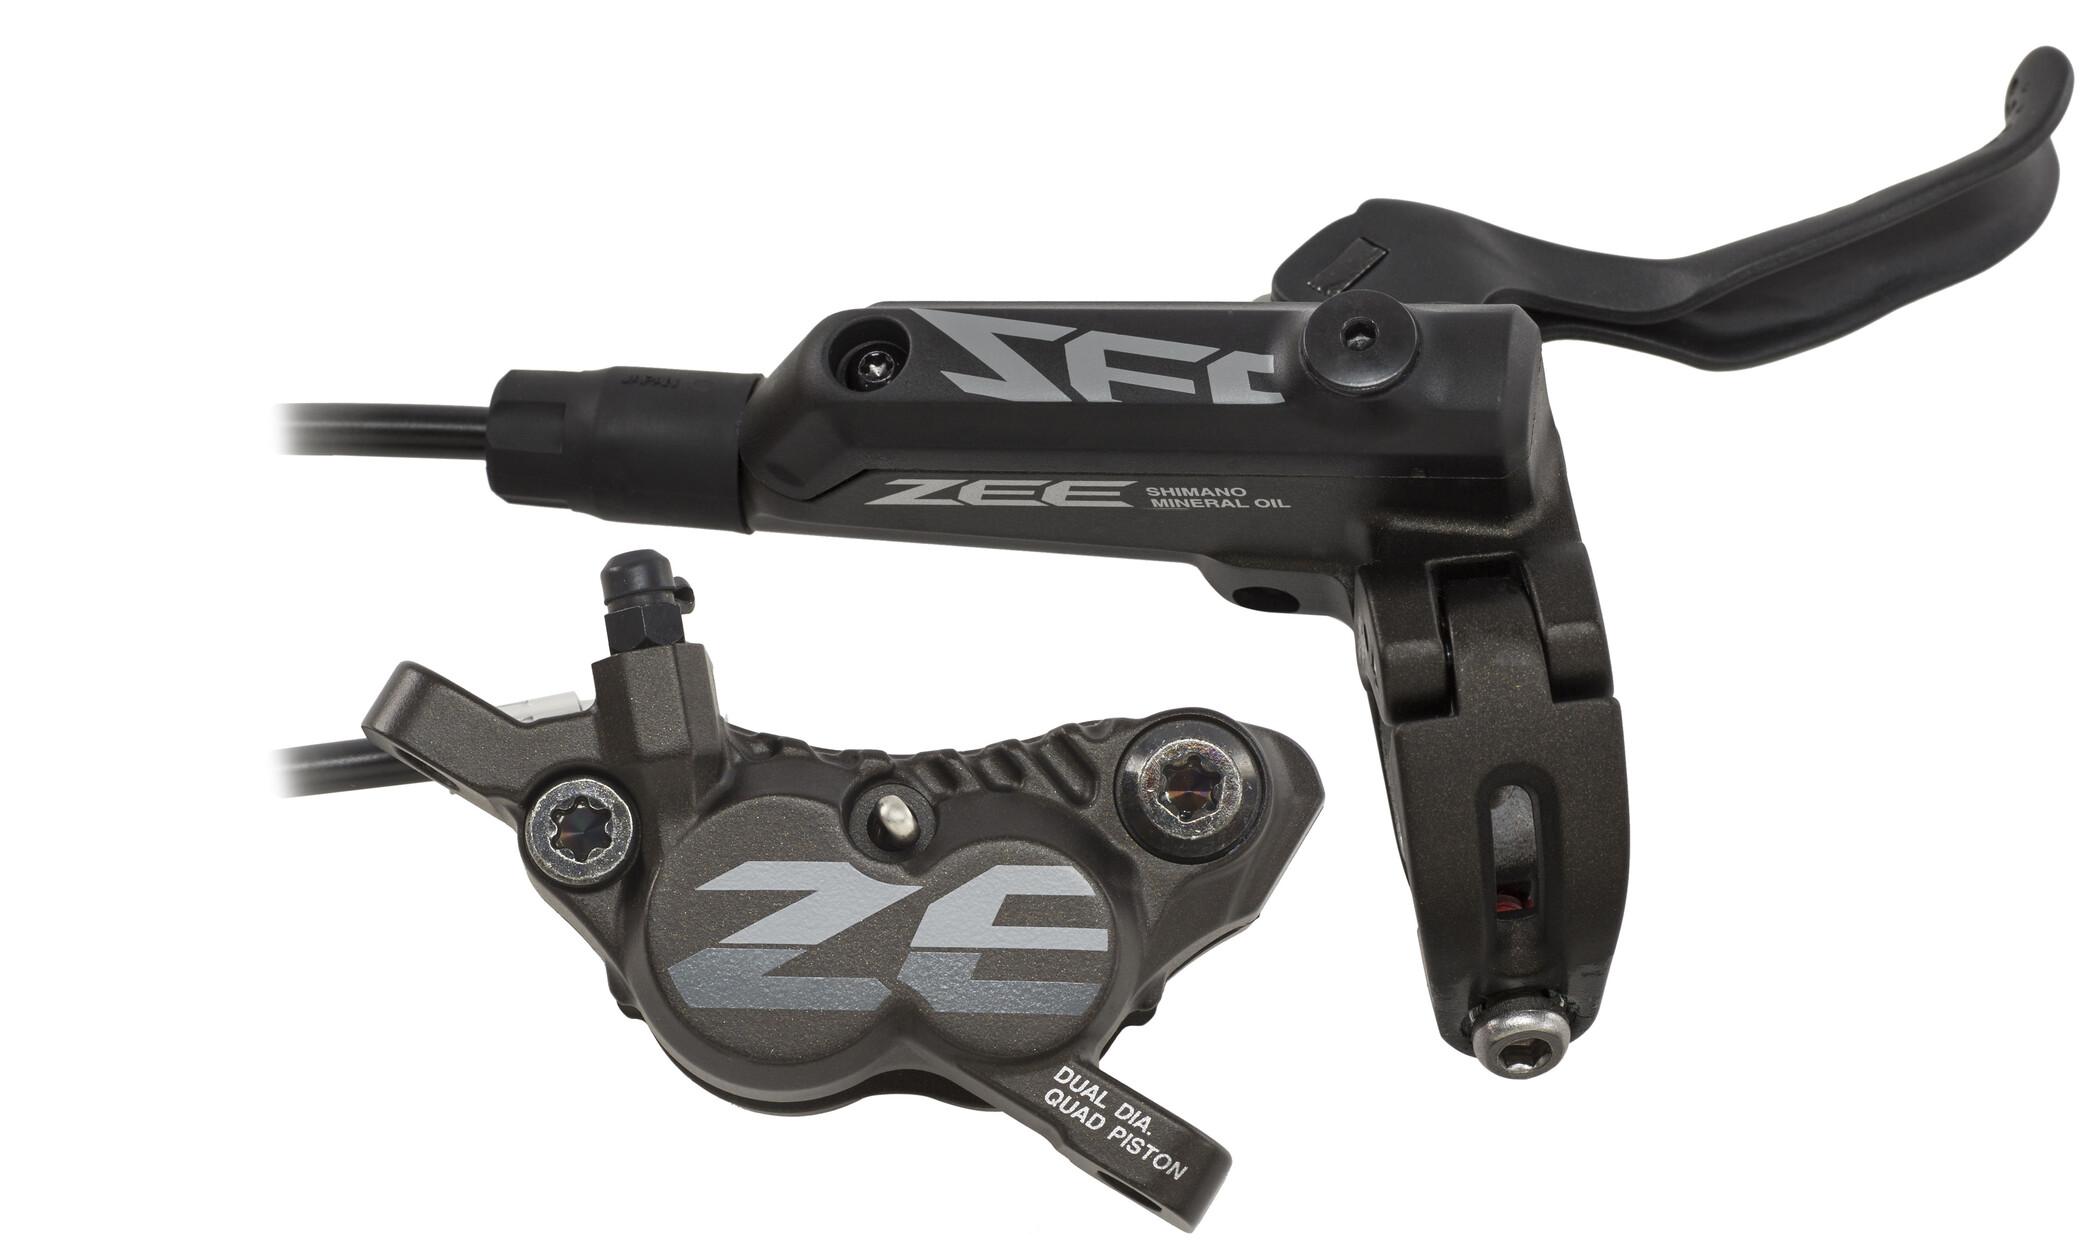 Shimano ZEE BR-M640 Skivebremse med G01S Resin, black (2019) | Brake pads